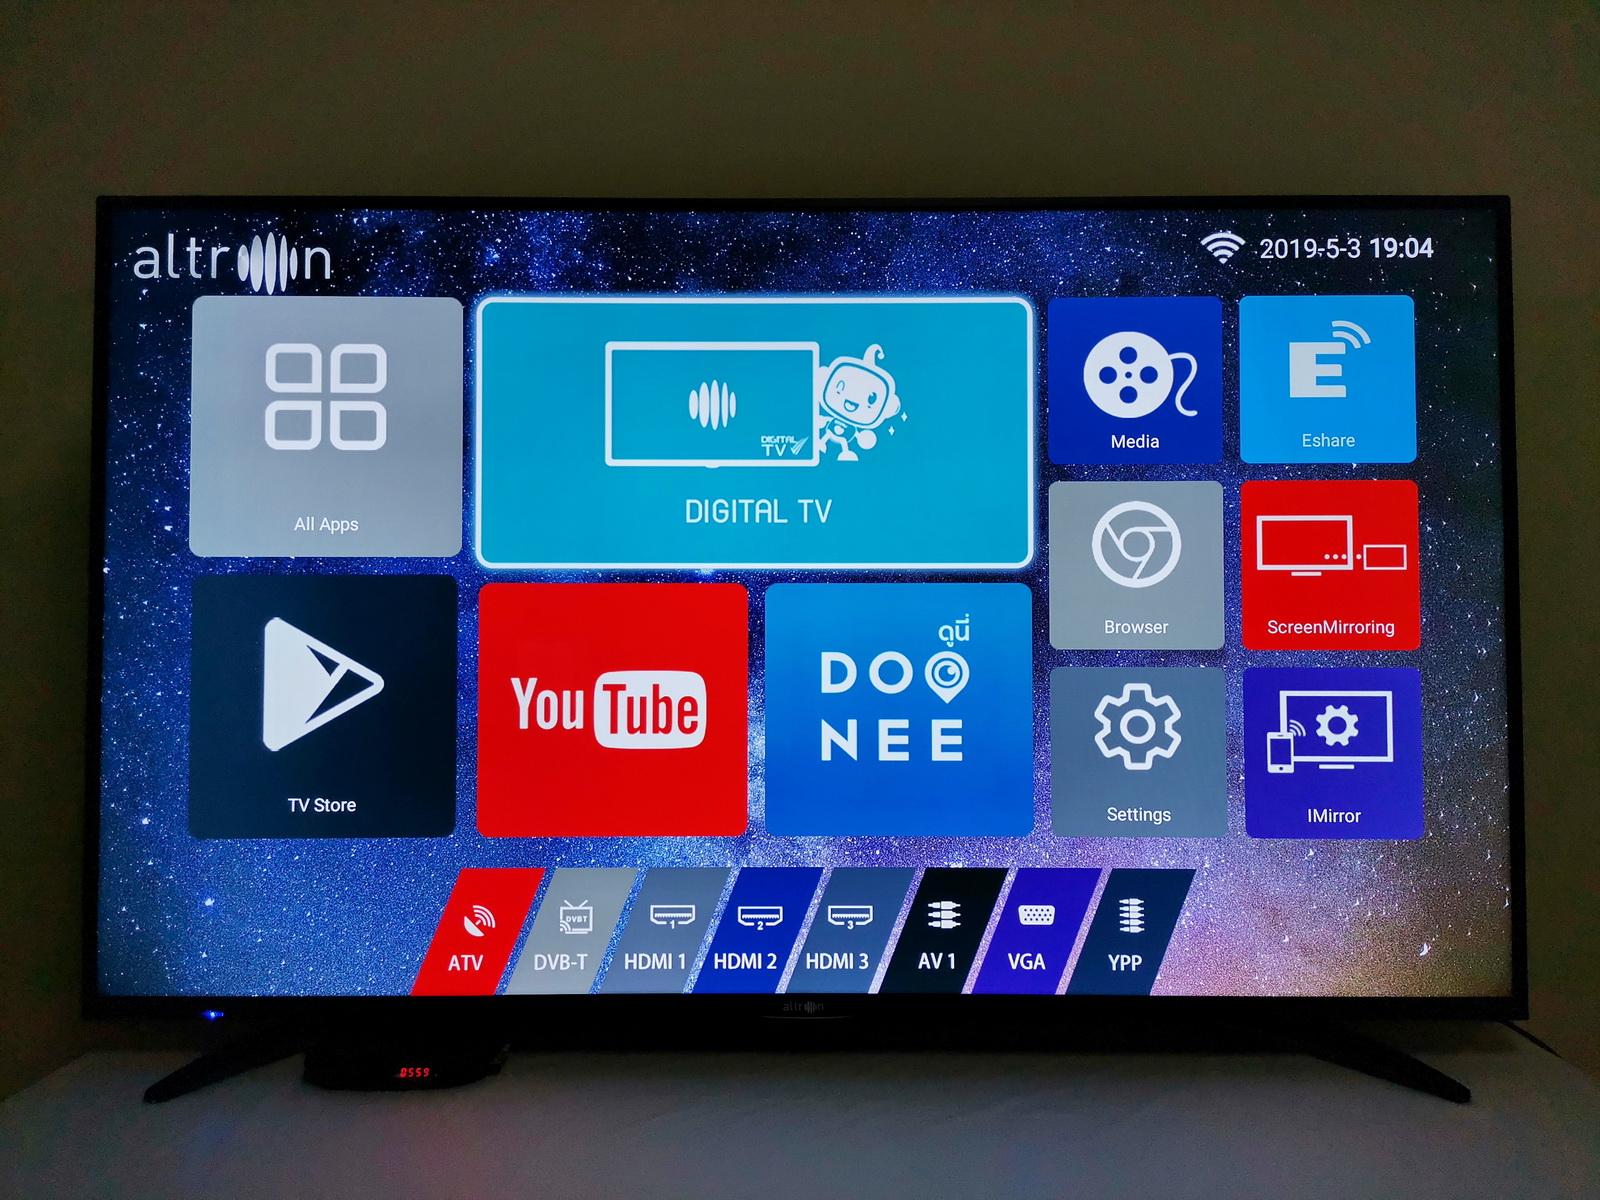 """รีวิว altron SMART TV 4K ULTRA HD ขนาด 65"""" สมาร์ททีวีแบรนด์ไทย เพื่อ"""